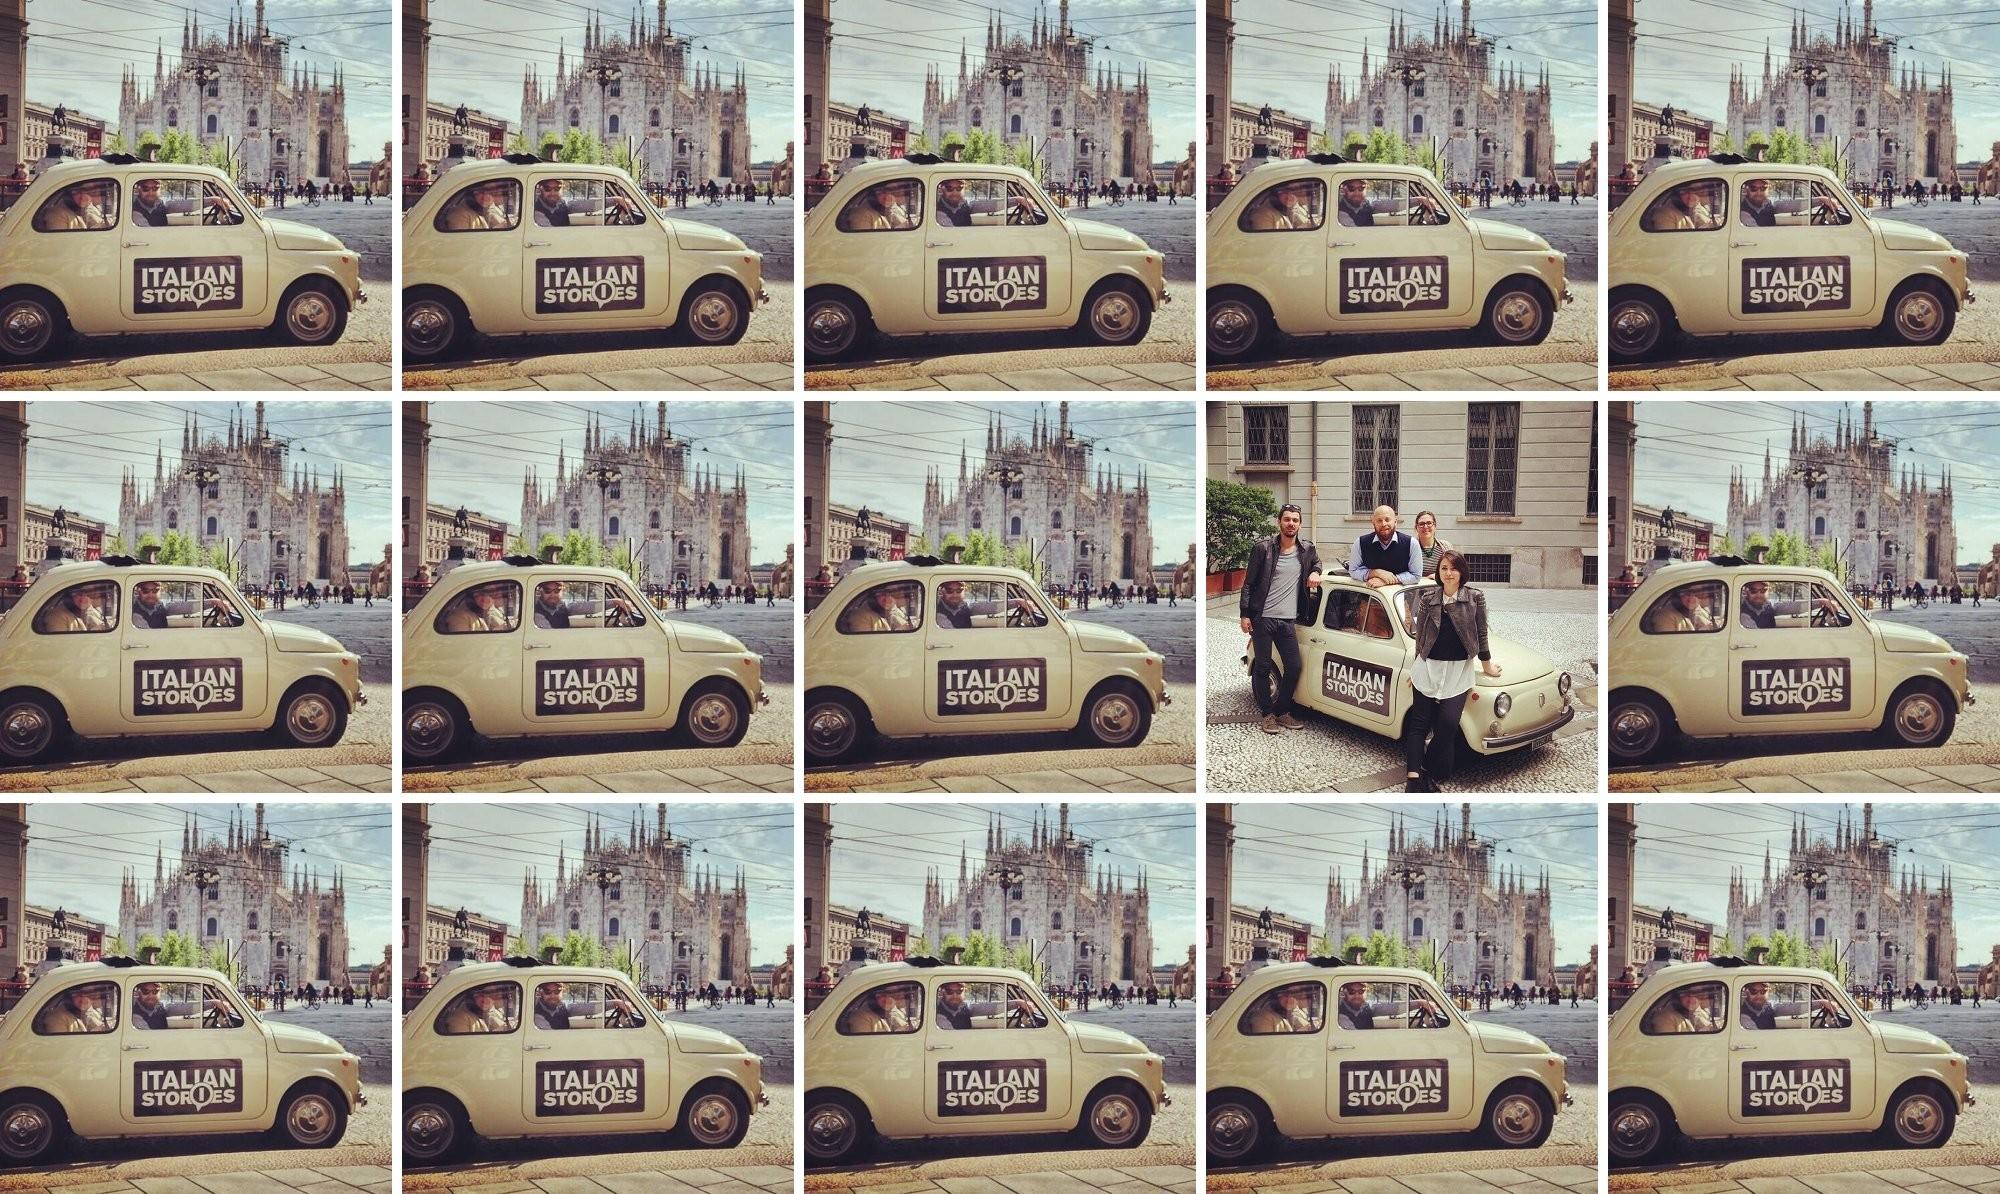 italian stories team in tour al fuorisalone di milano